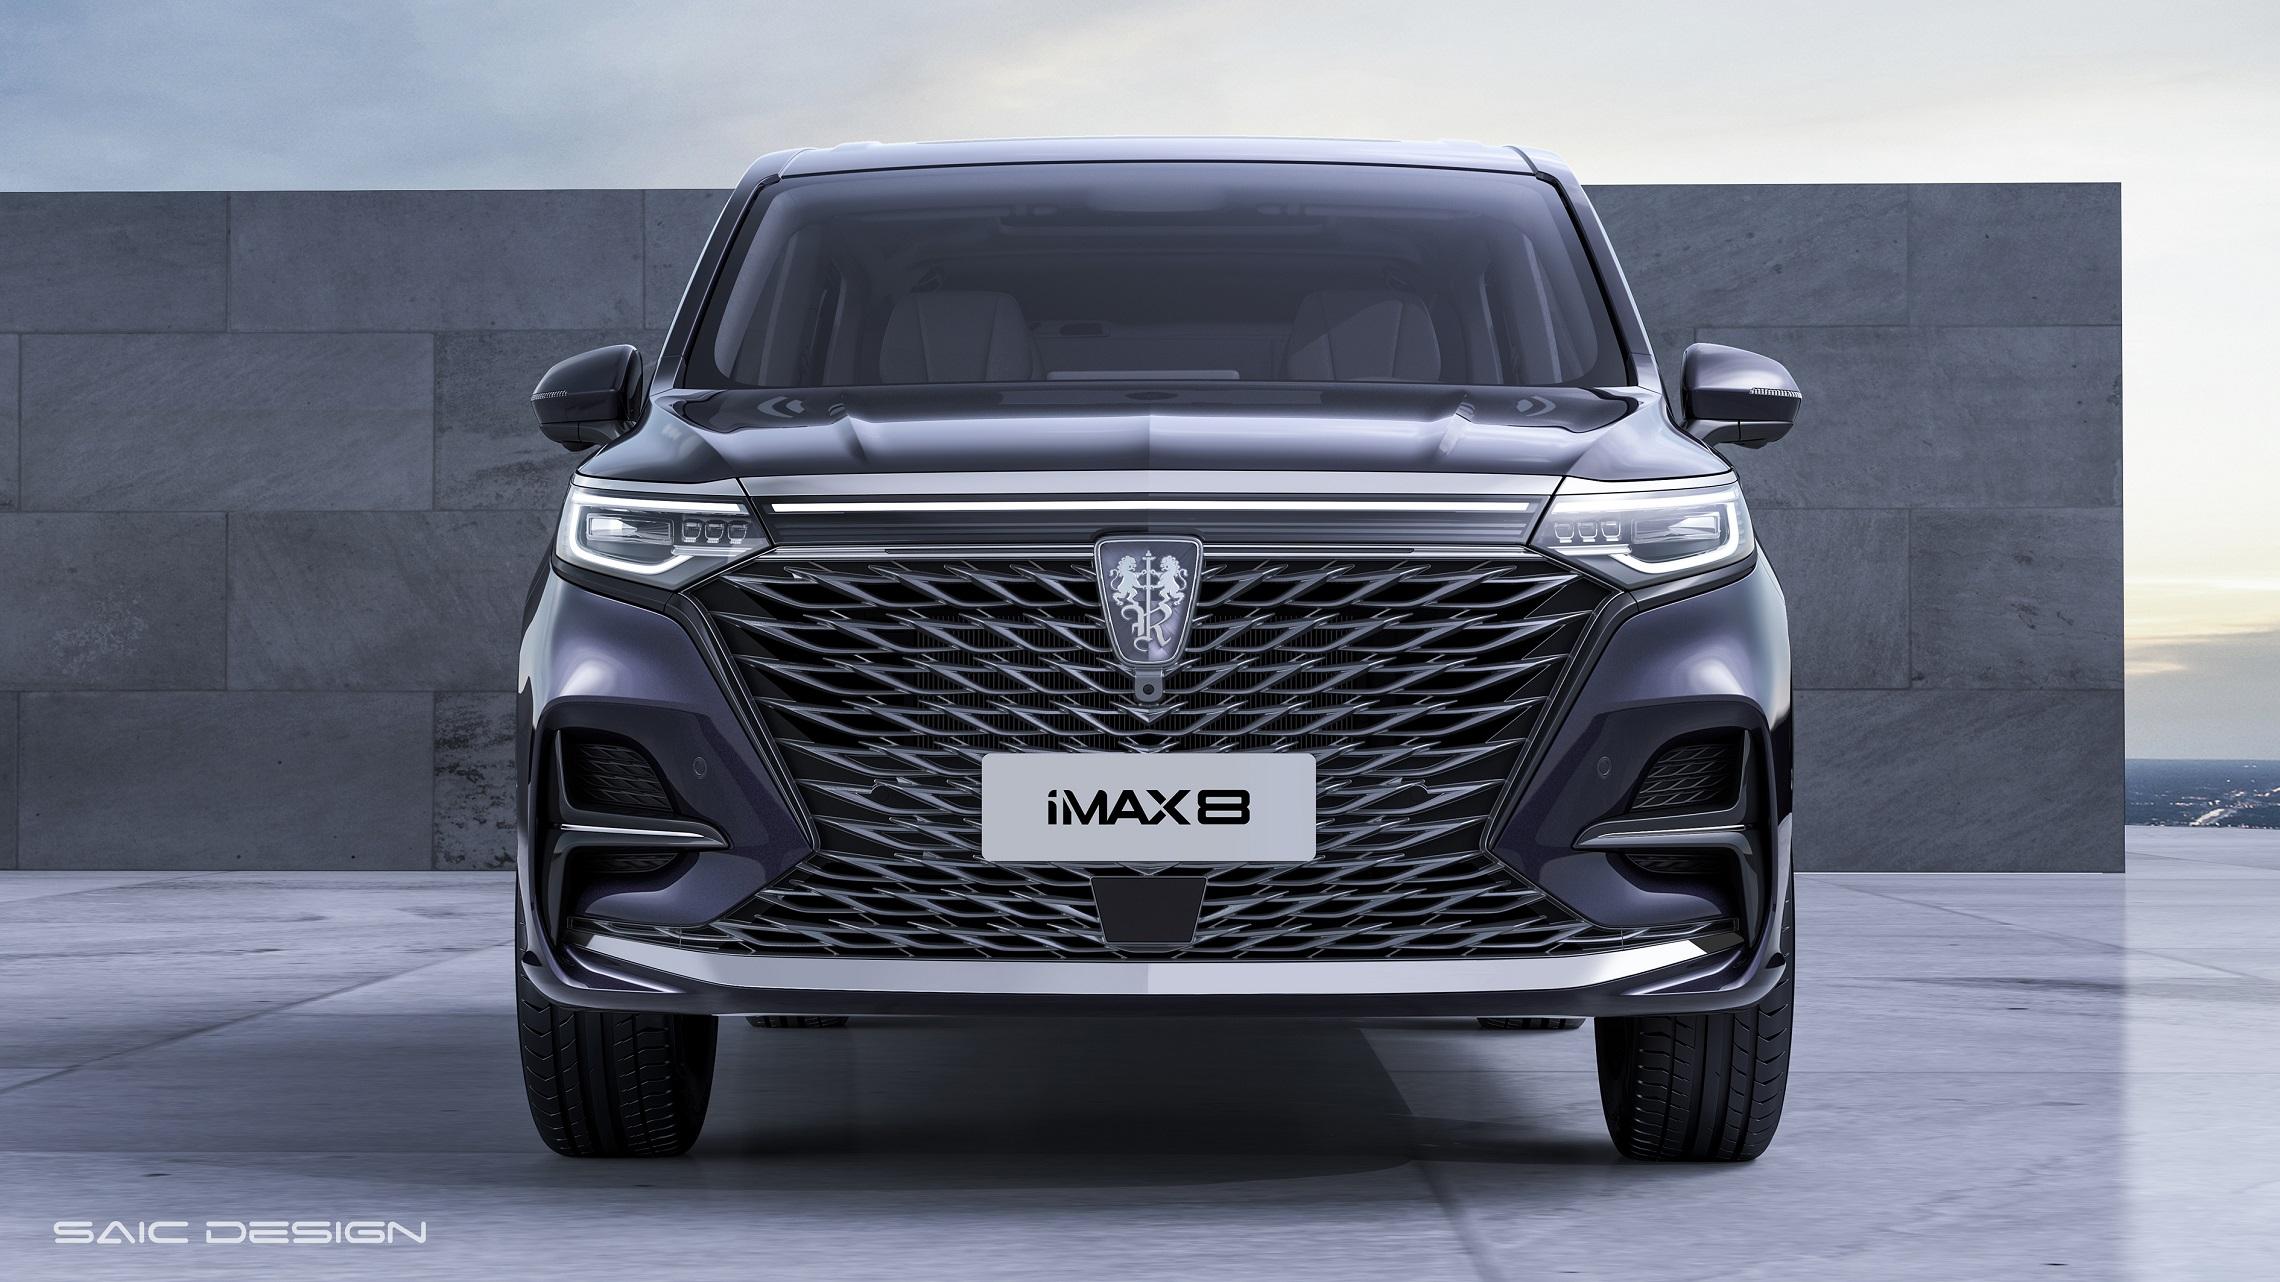 下半年将上市 荣威iMAX8整车外观图发布